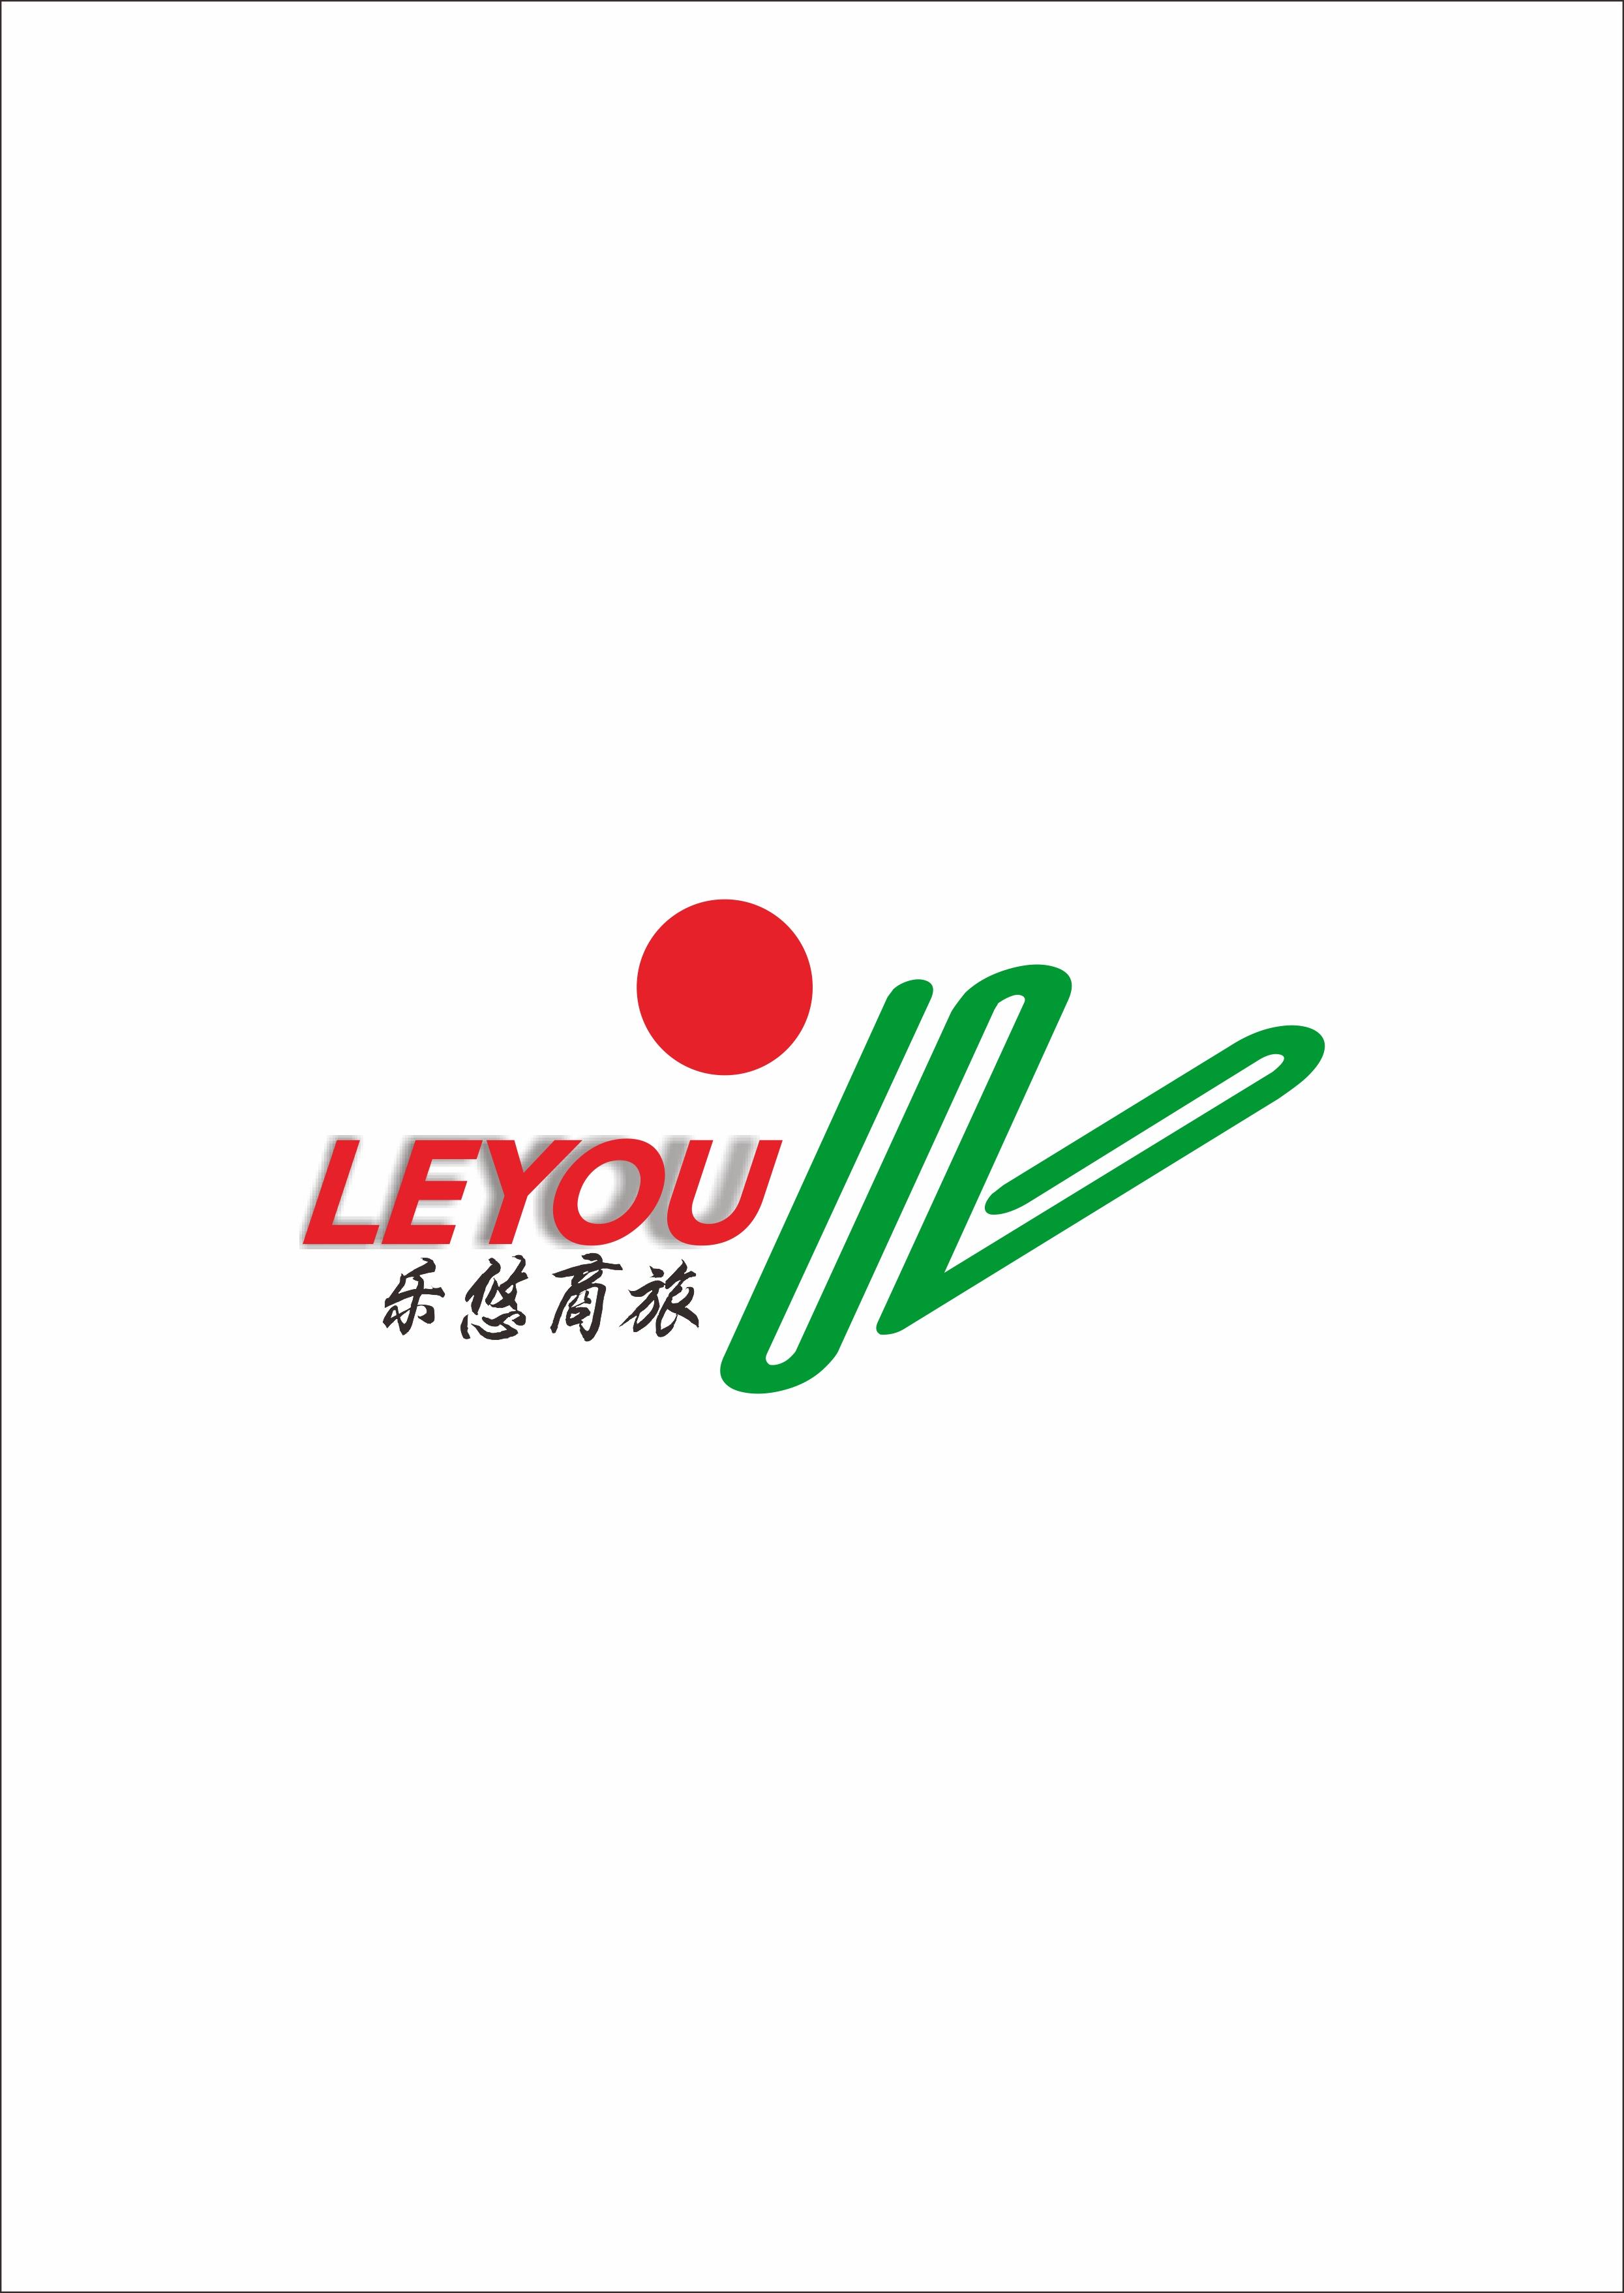 商旅logo设计_大宝品牌设计事务所案例展示_一品威客网